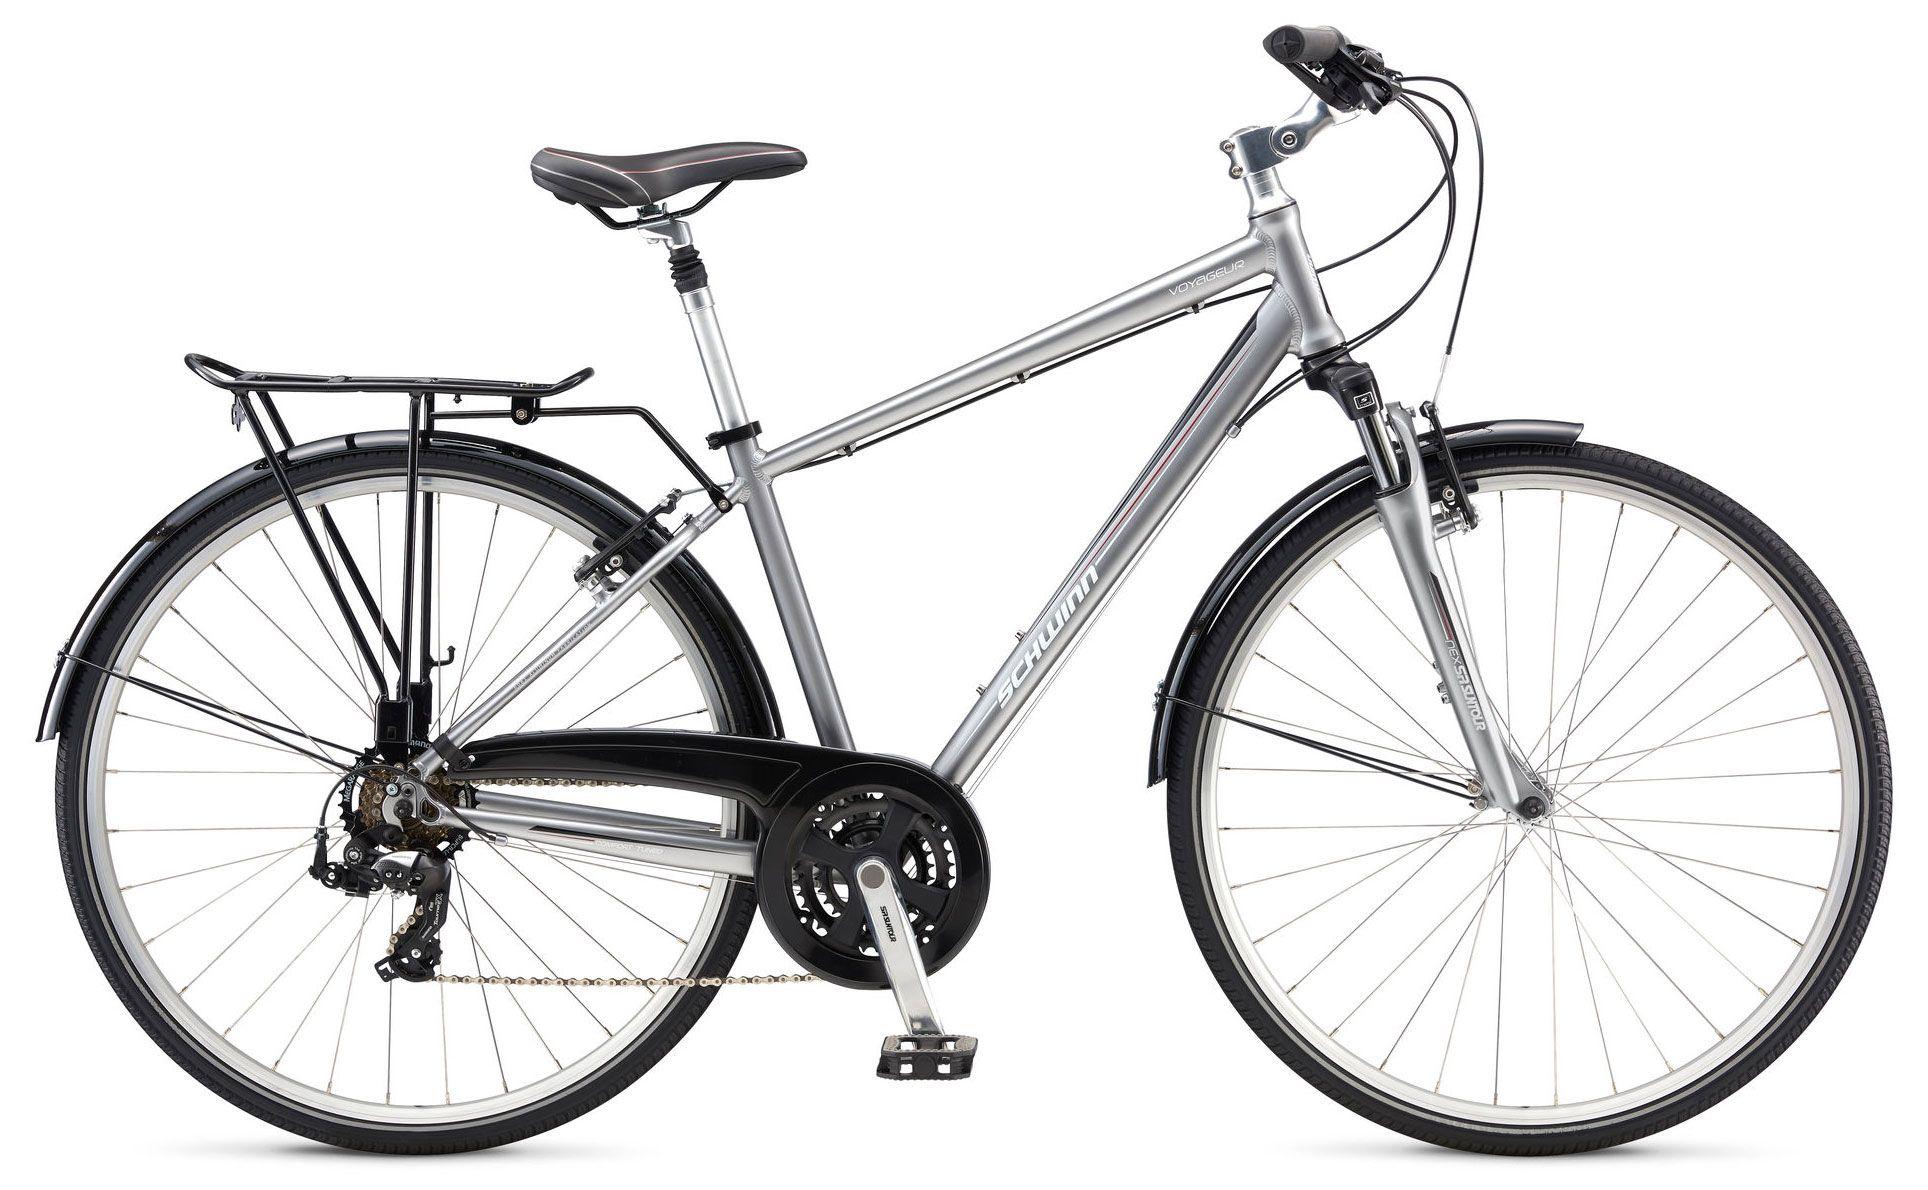 Велосипед Schwinn Voyageur Commute 2018 велосипед schwinn voyageur step thru 2016